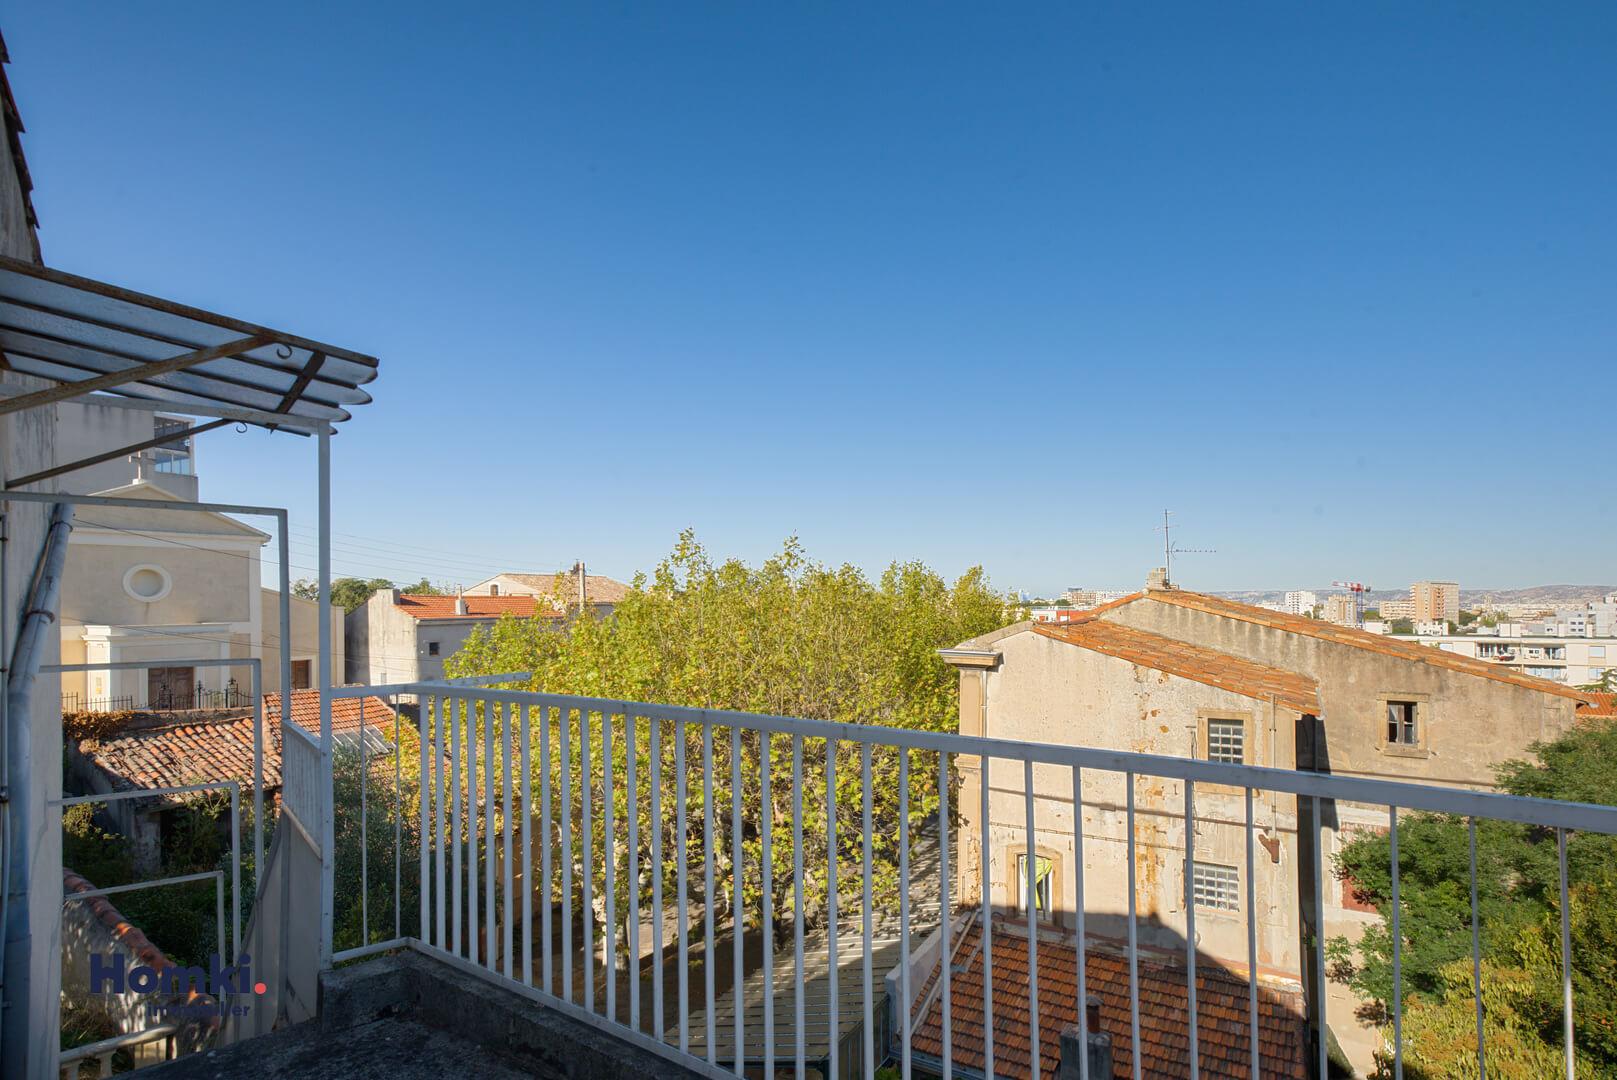 Vente Maison 100 m² T5 13012 Marseille_12